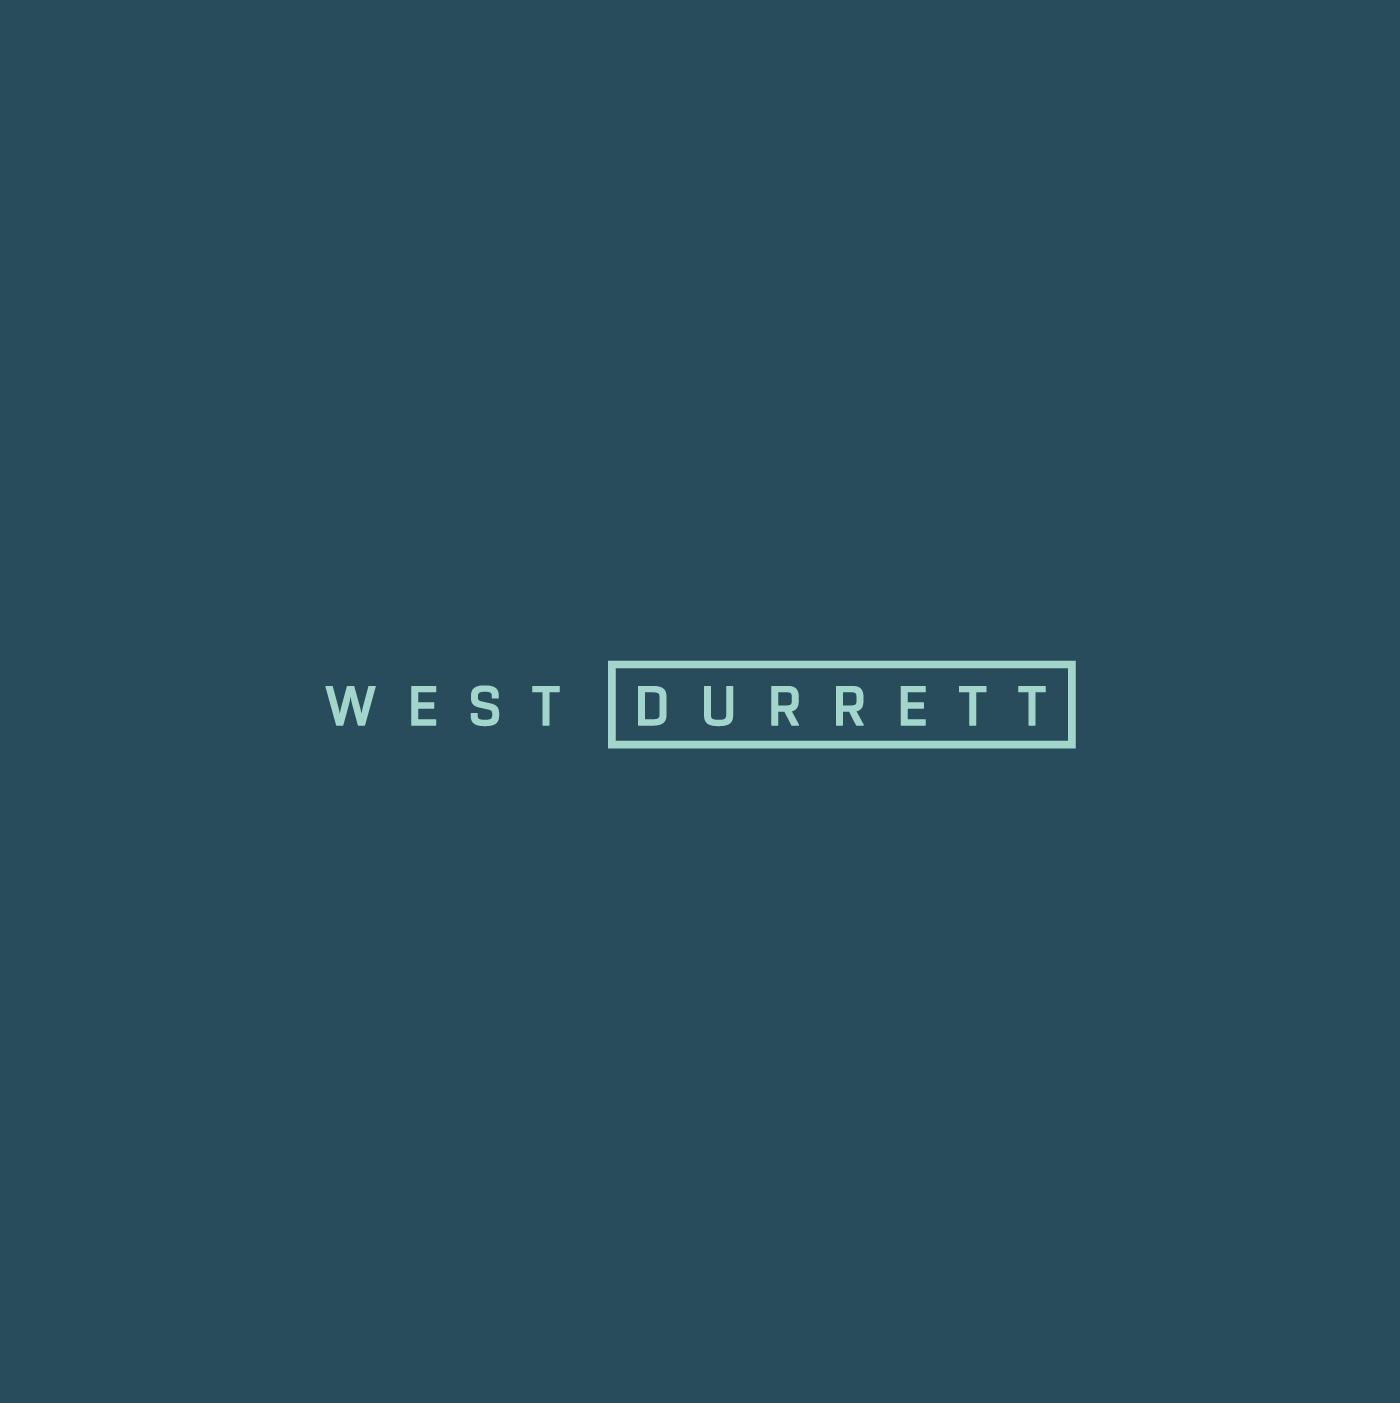 MQ03-westdurrett.jpg